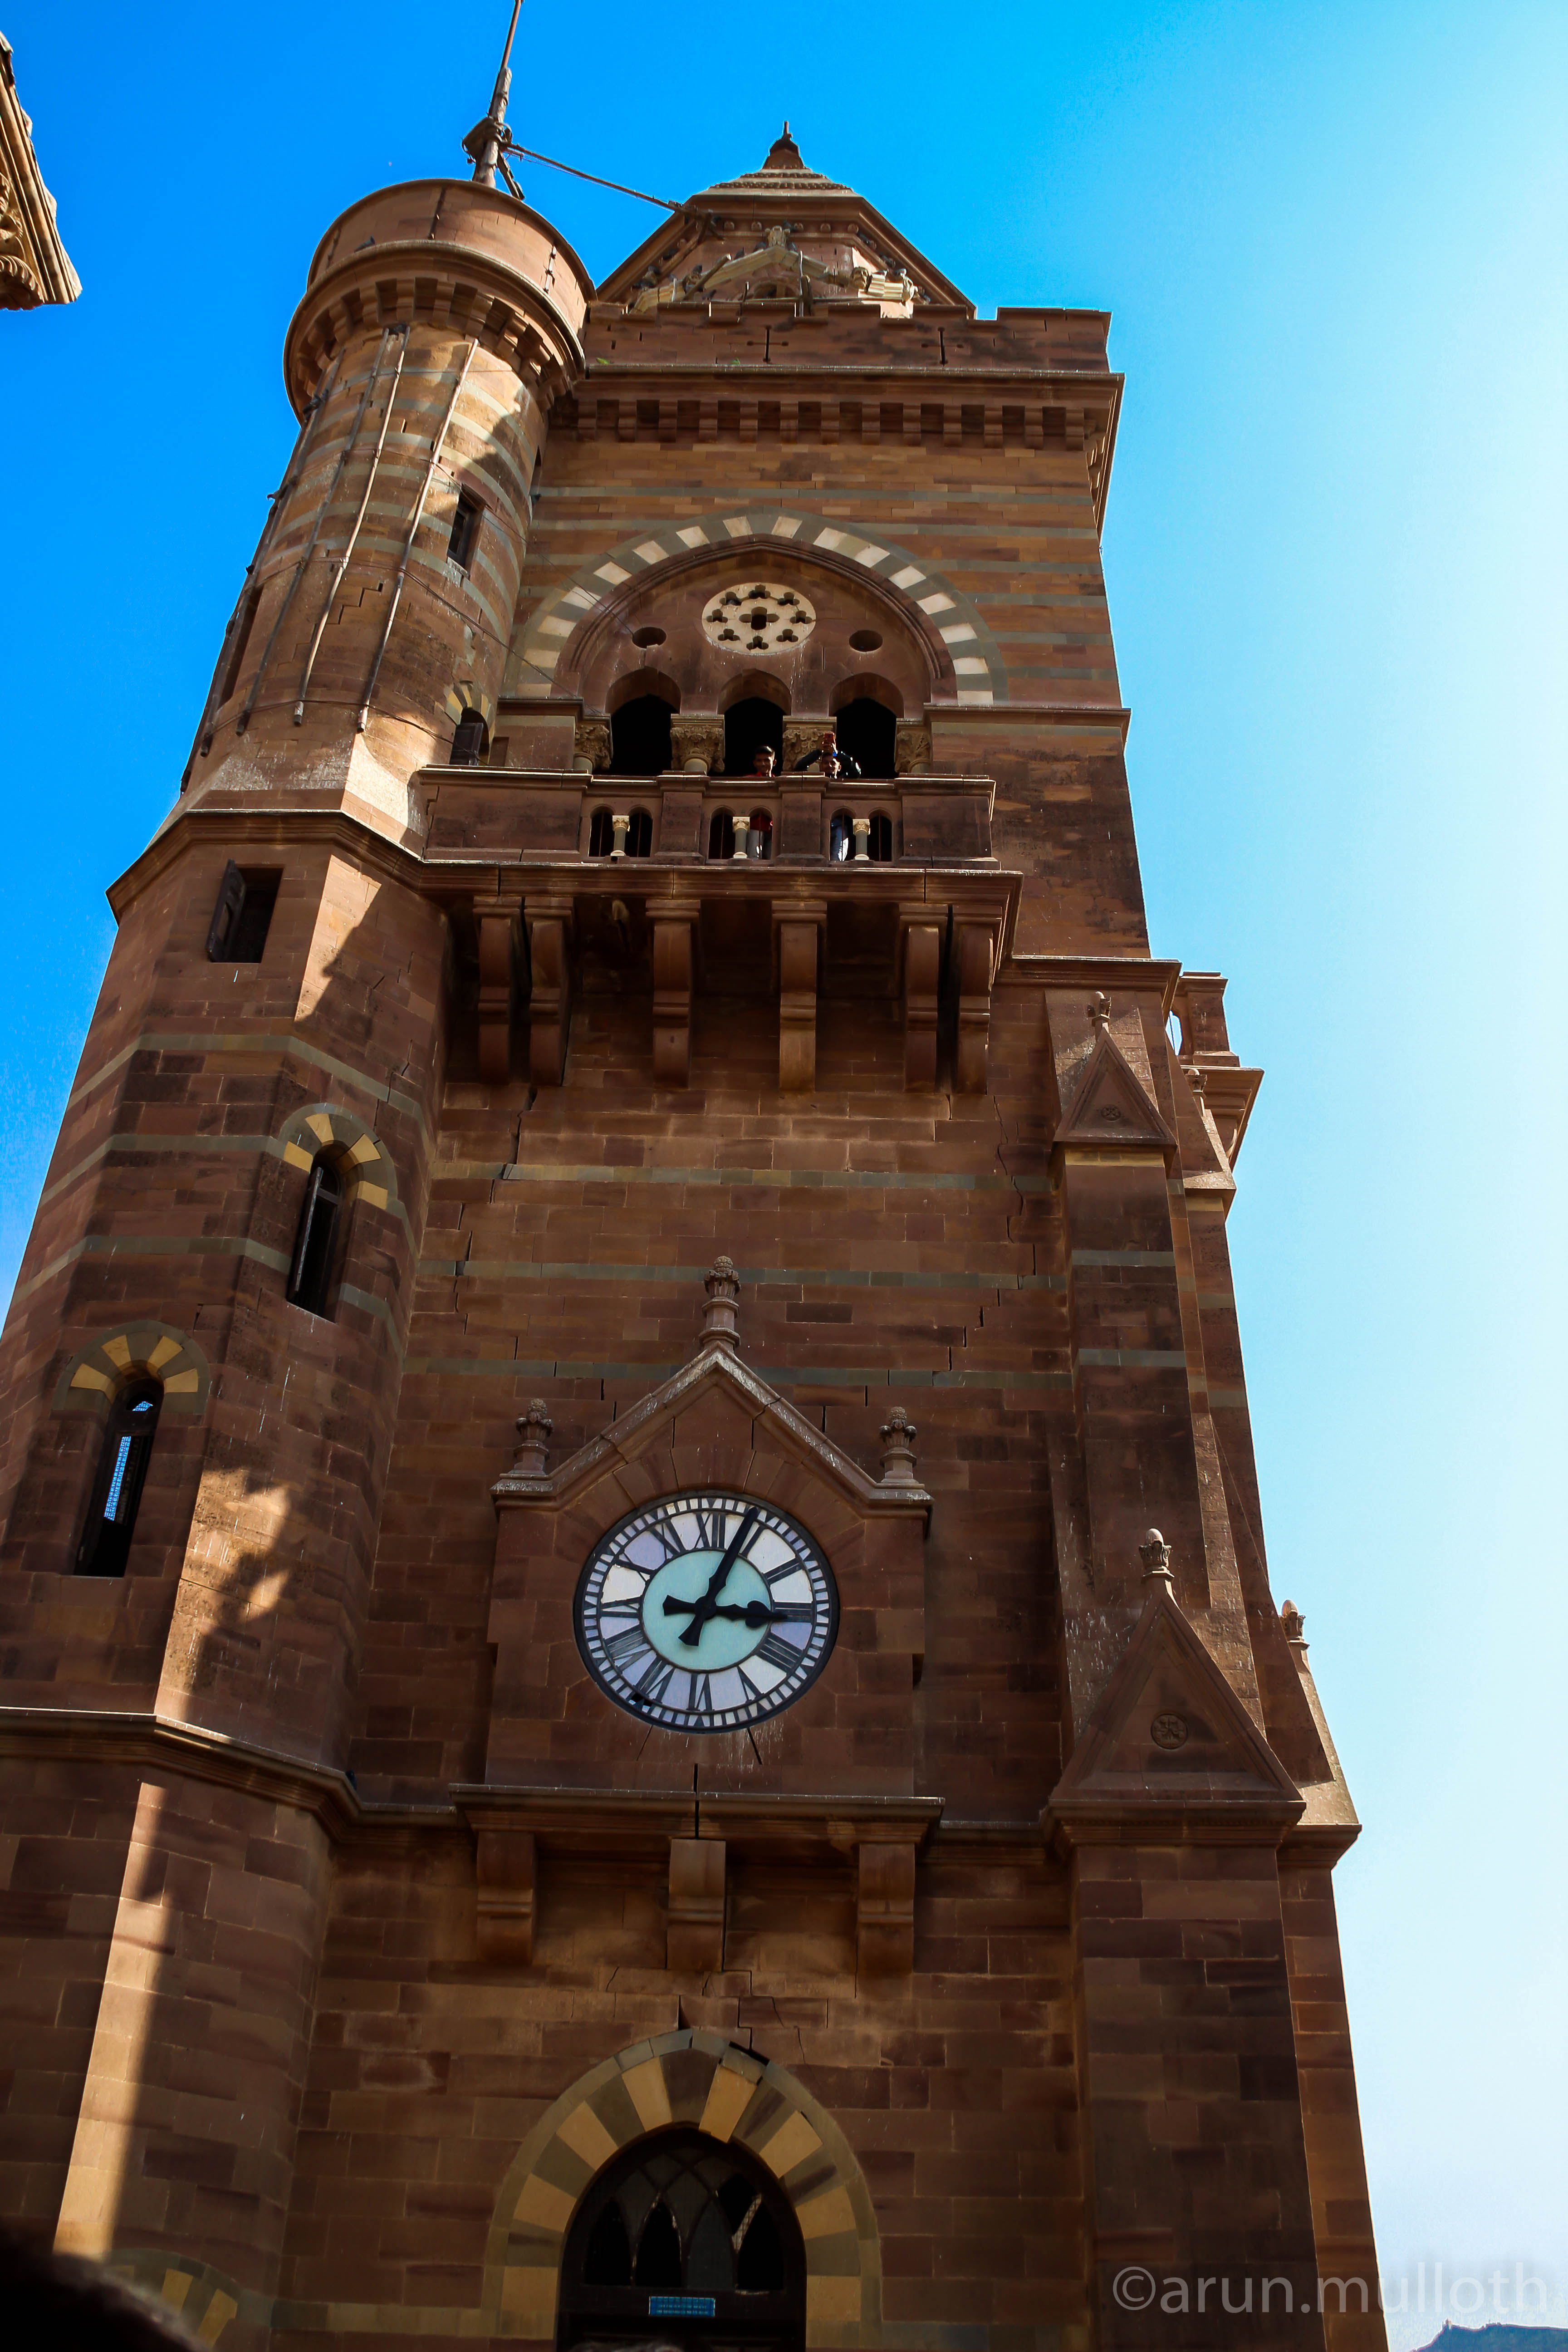 Clock tower at Prag Mahal, Bhuj